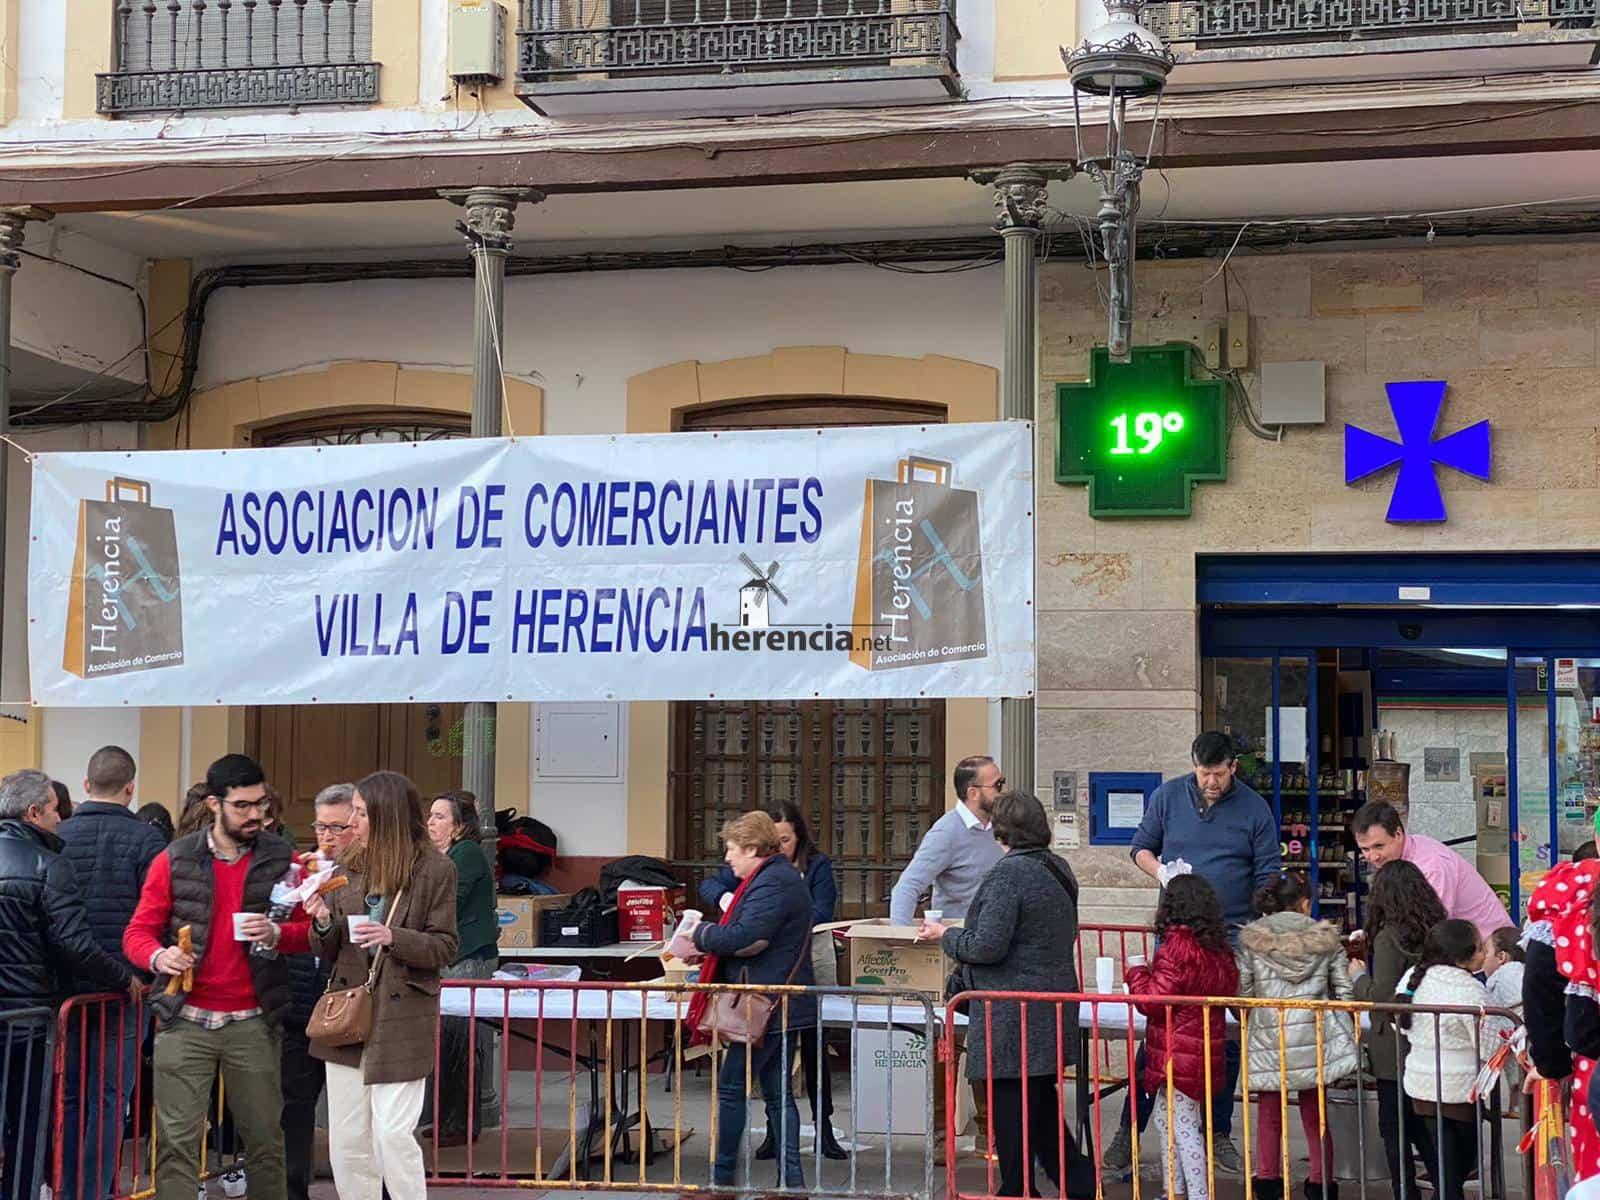 Carnaval herencia 2020 pasacalles domingo deseosas 48 - El Domingo de las Deseosas invita a todo el mundo al Carnaval de Herencia